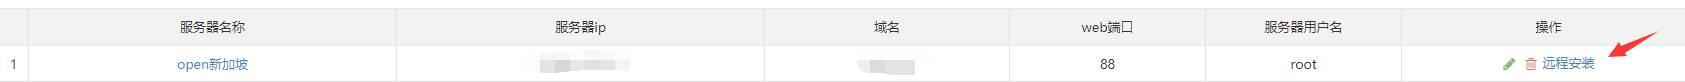 羊毛党之家 Frp配置面板 开源  https://yangmaodang.org